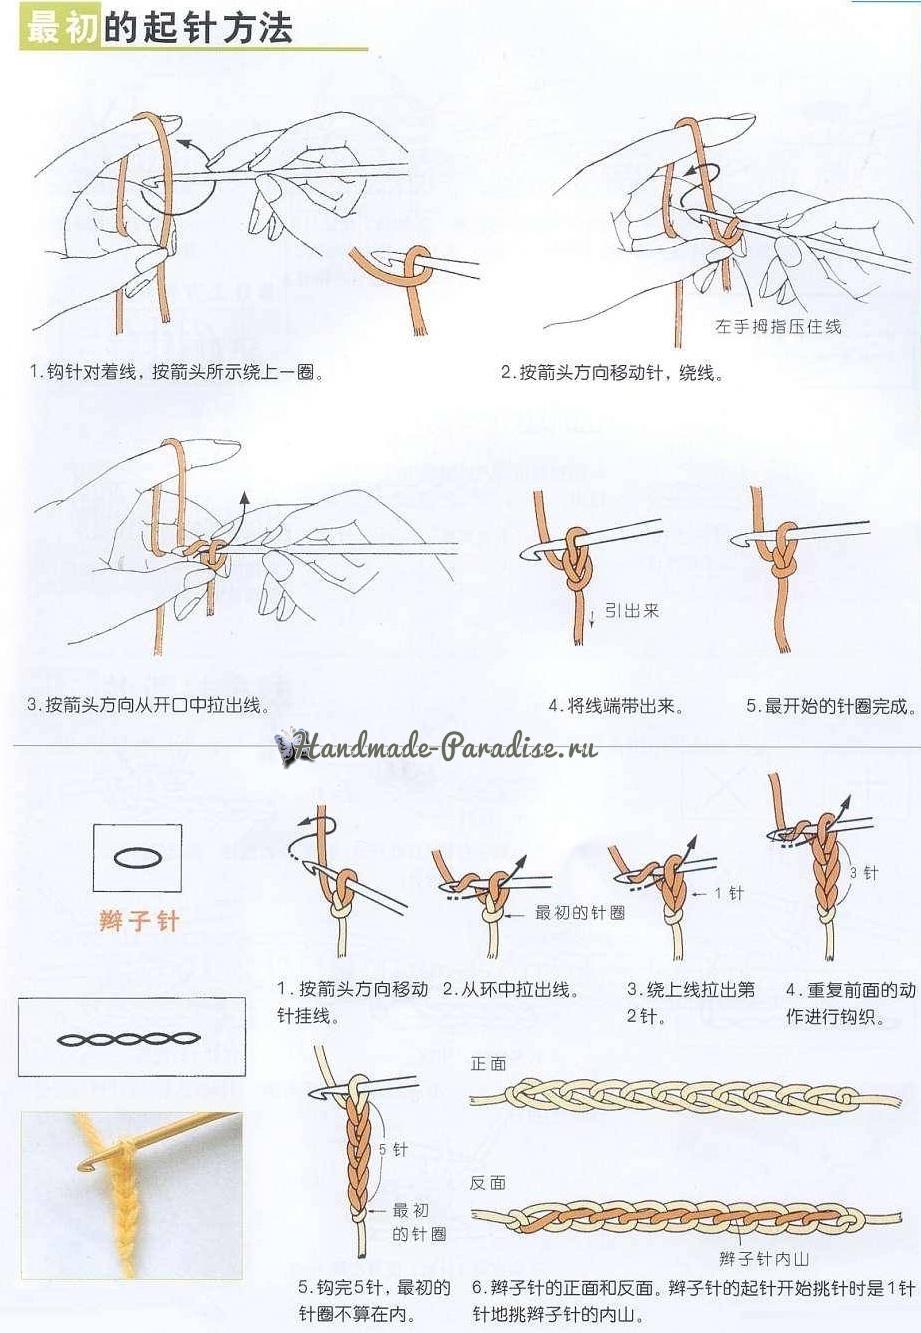 Как вязать крючком по китайским схемам (9)